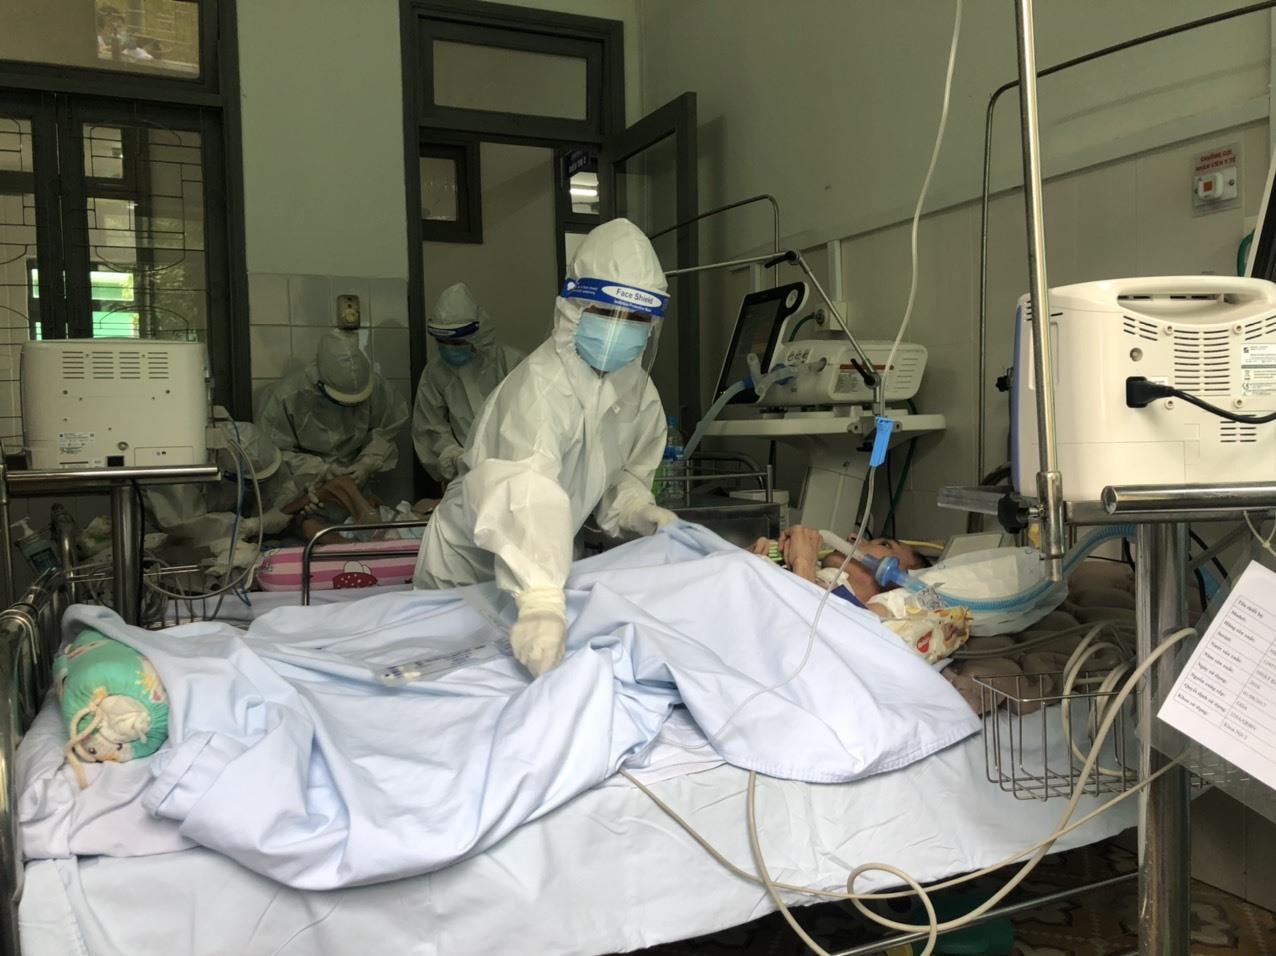 Đội ngũ nhân viên y tế của Bệnh viện Đa khoa miền núi phía Bắc Quảng Nam điều trị ban đầu cho các bệnh nhân Covid-19 trước khi chuyển đến Bệnh viện Đa khoa Trung ương Quảng Nam. Ảnh: T.MƯỜI